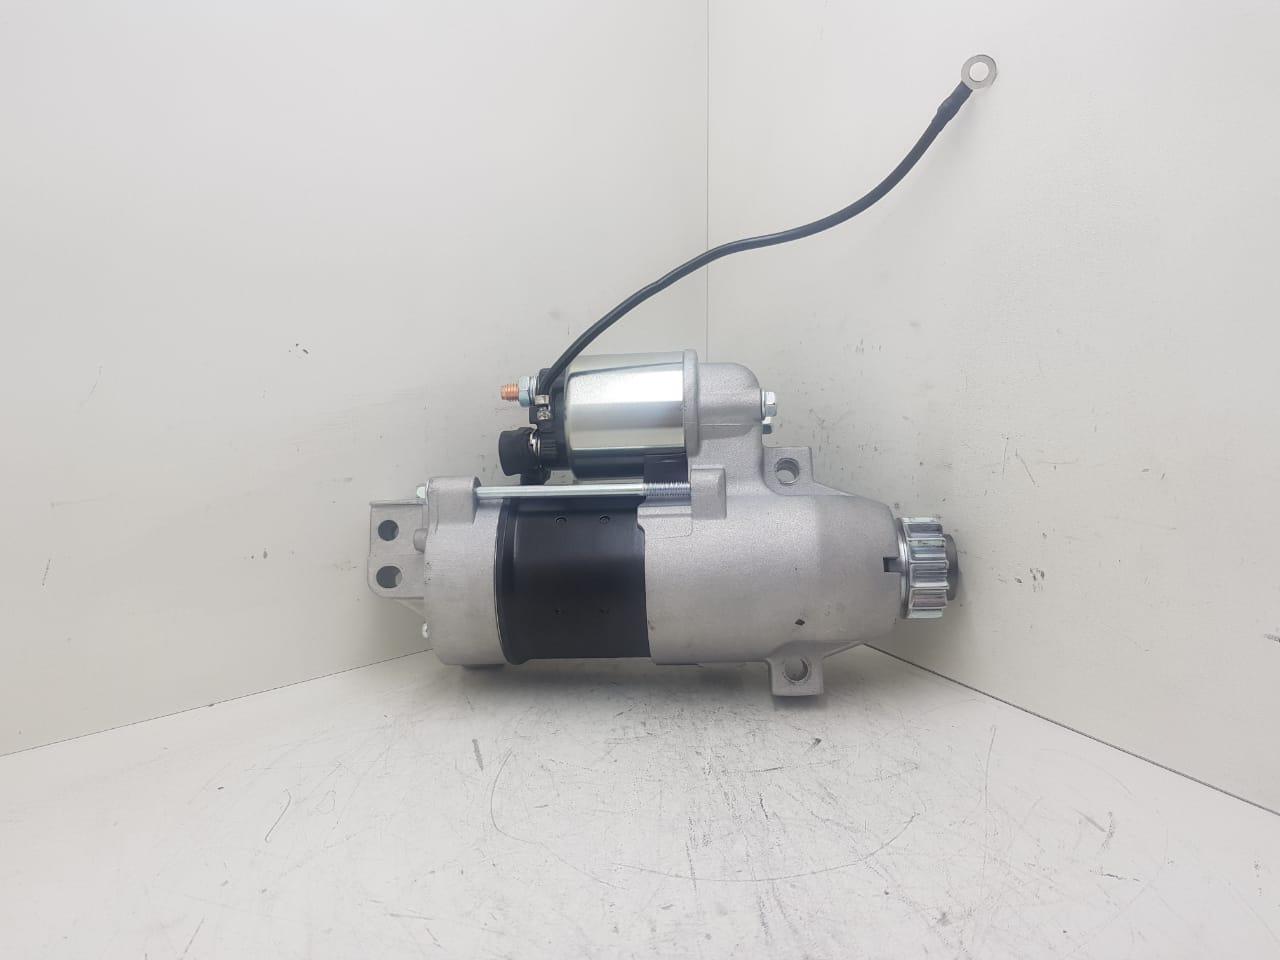 Motor de Arranque Yamaha  Mercury 75  90  115HP 13D 12V  50881368T 50881368T1 50881368T2  881368T1 881368T2 AEC17190